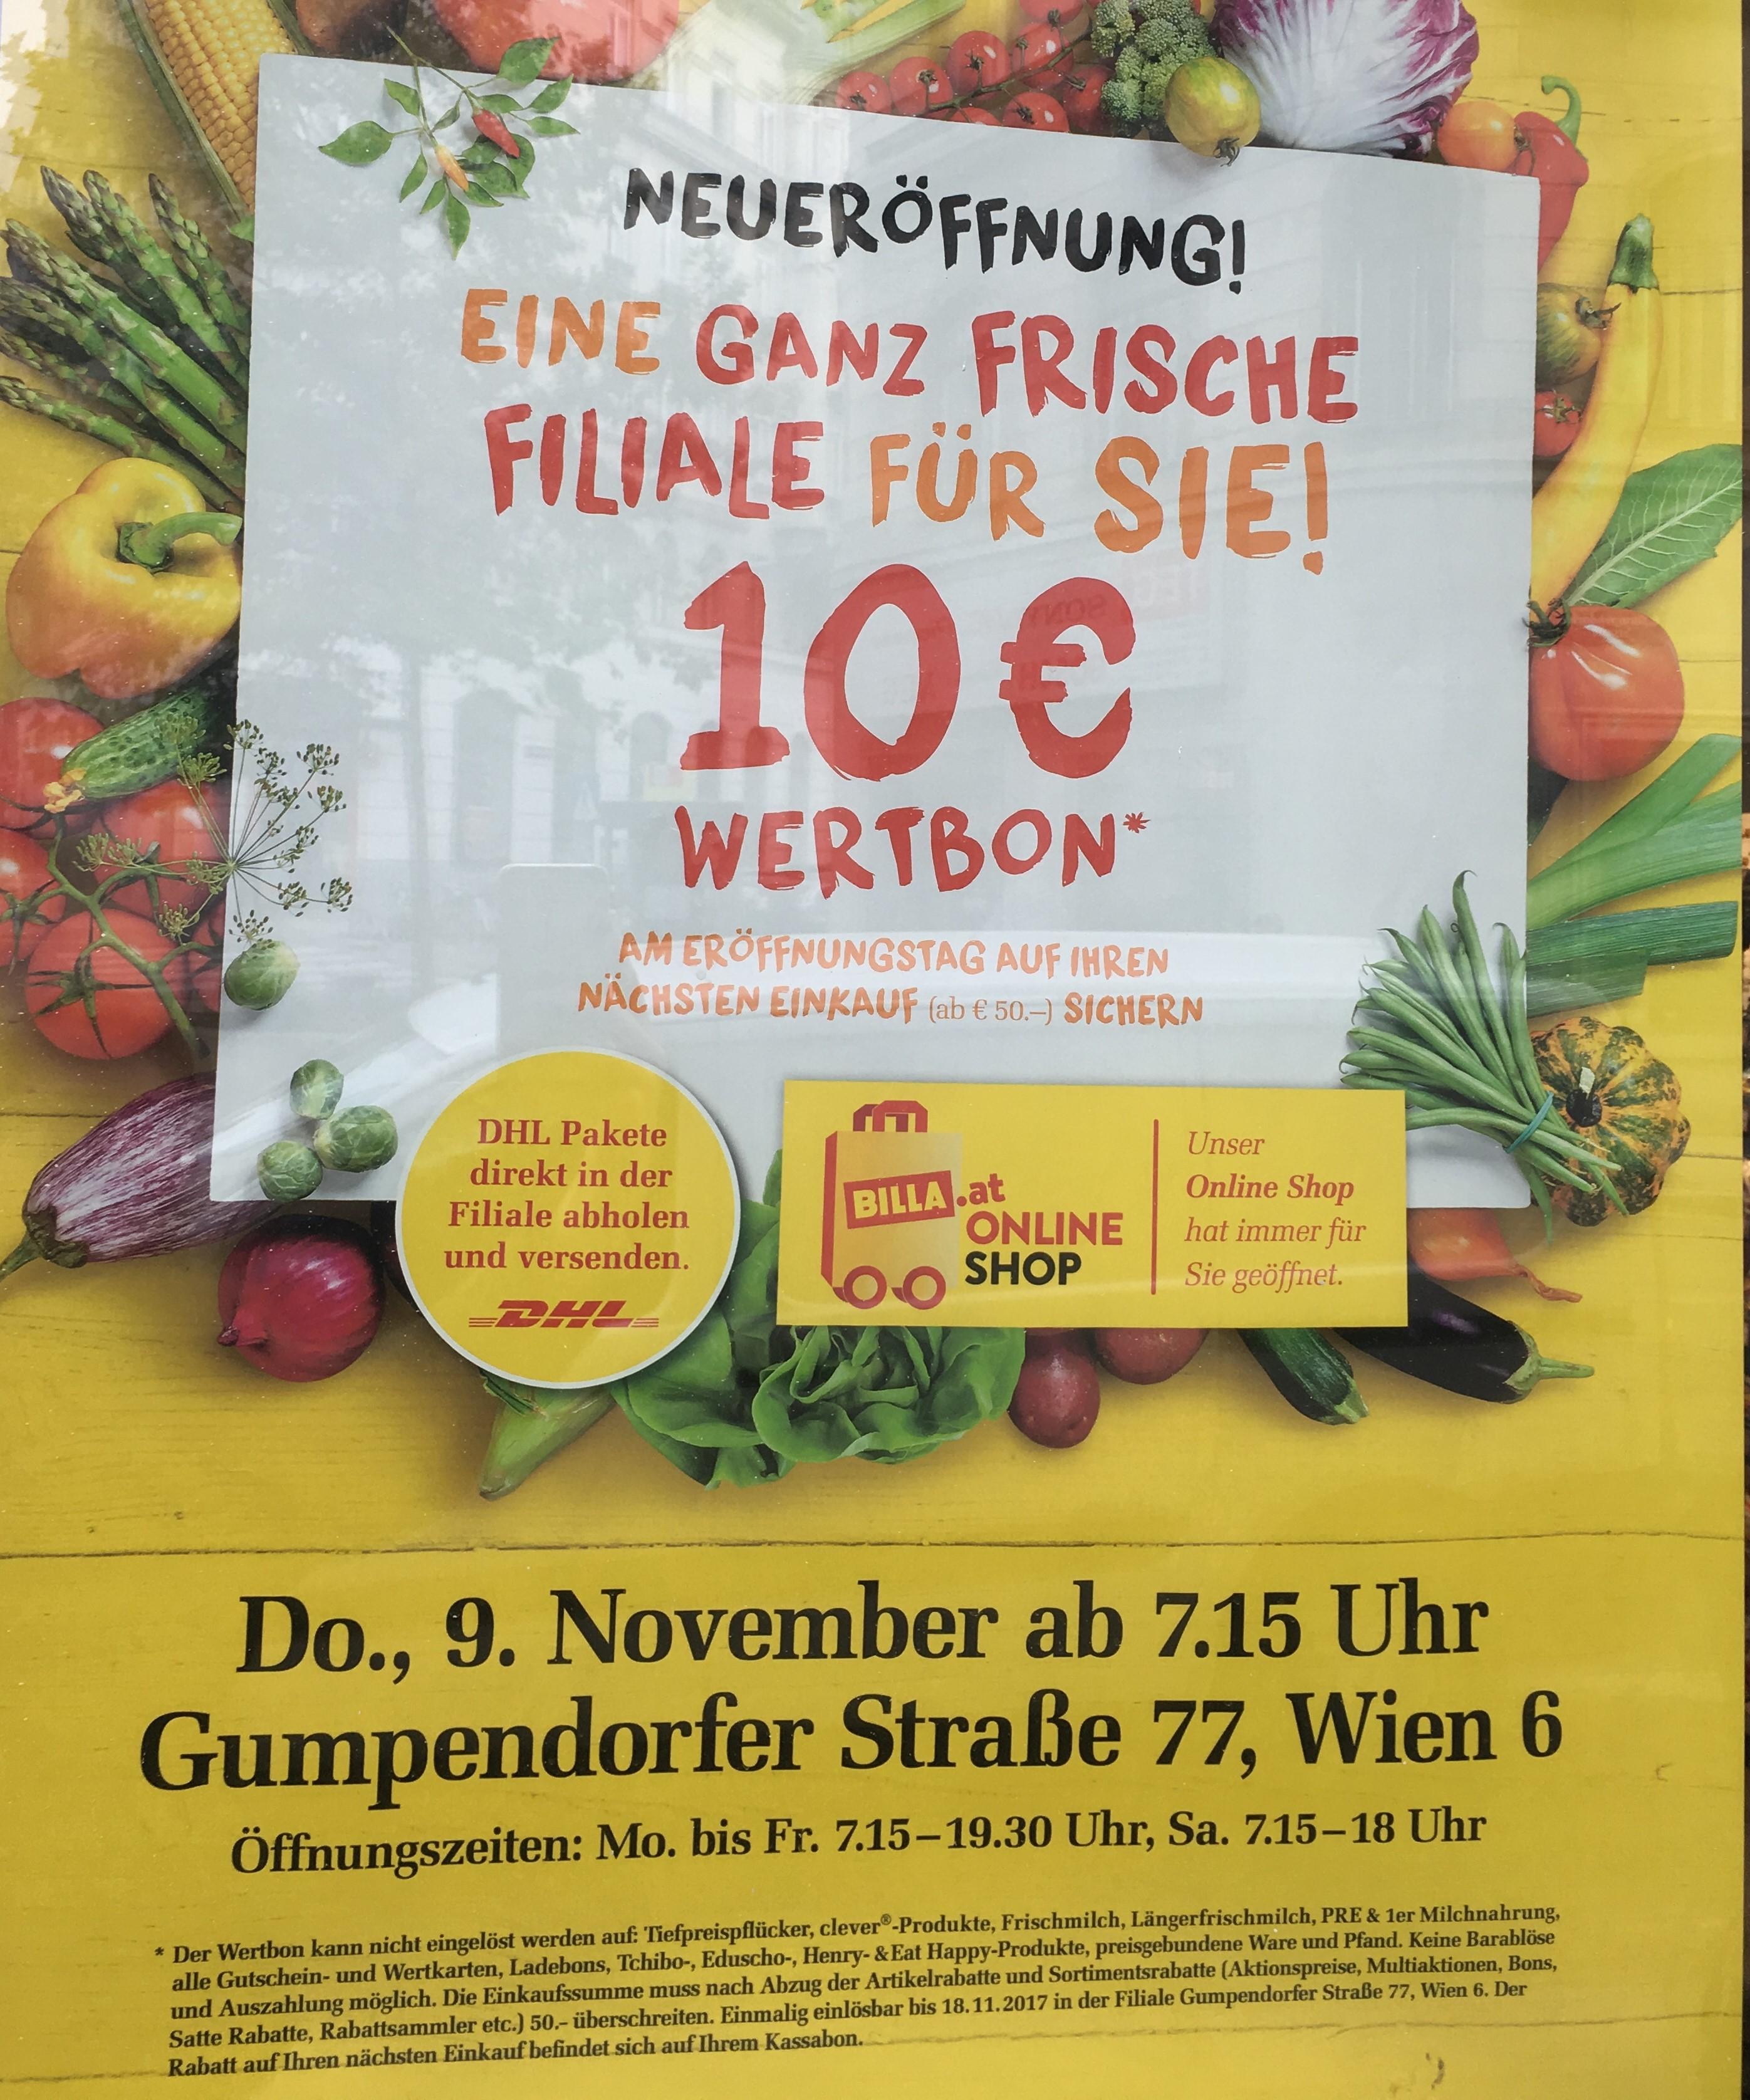 9. November: Billa Neueröffnung: Gumpendorfer Straße 77 - 10€ Werbon